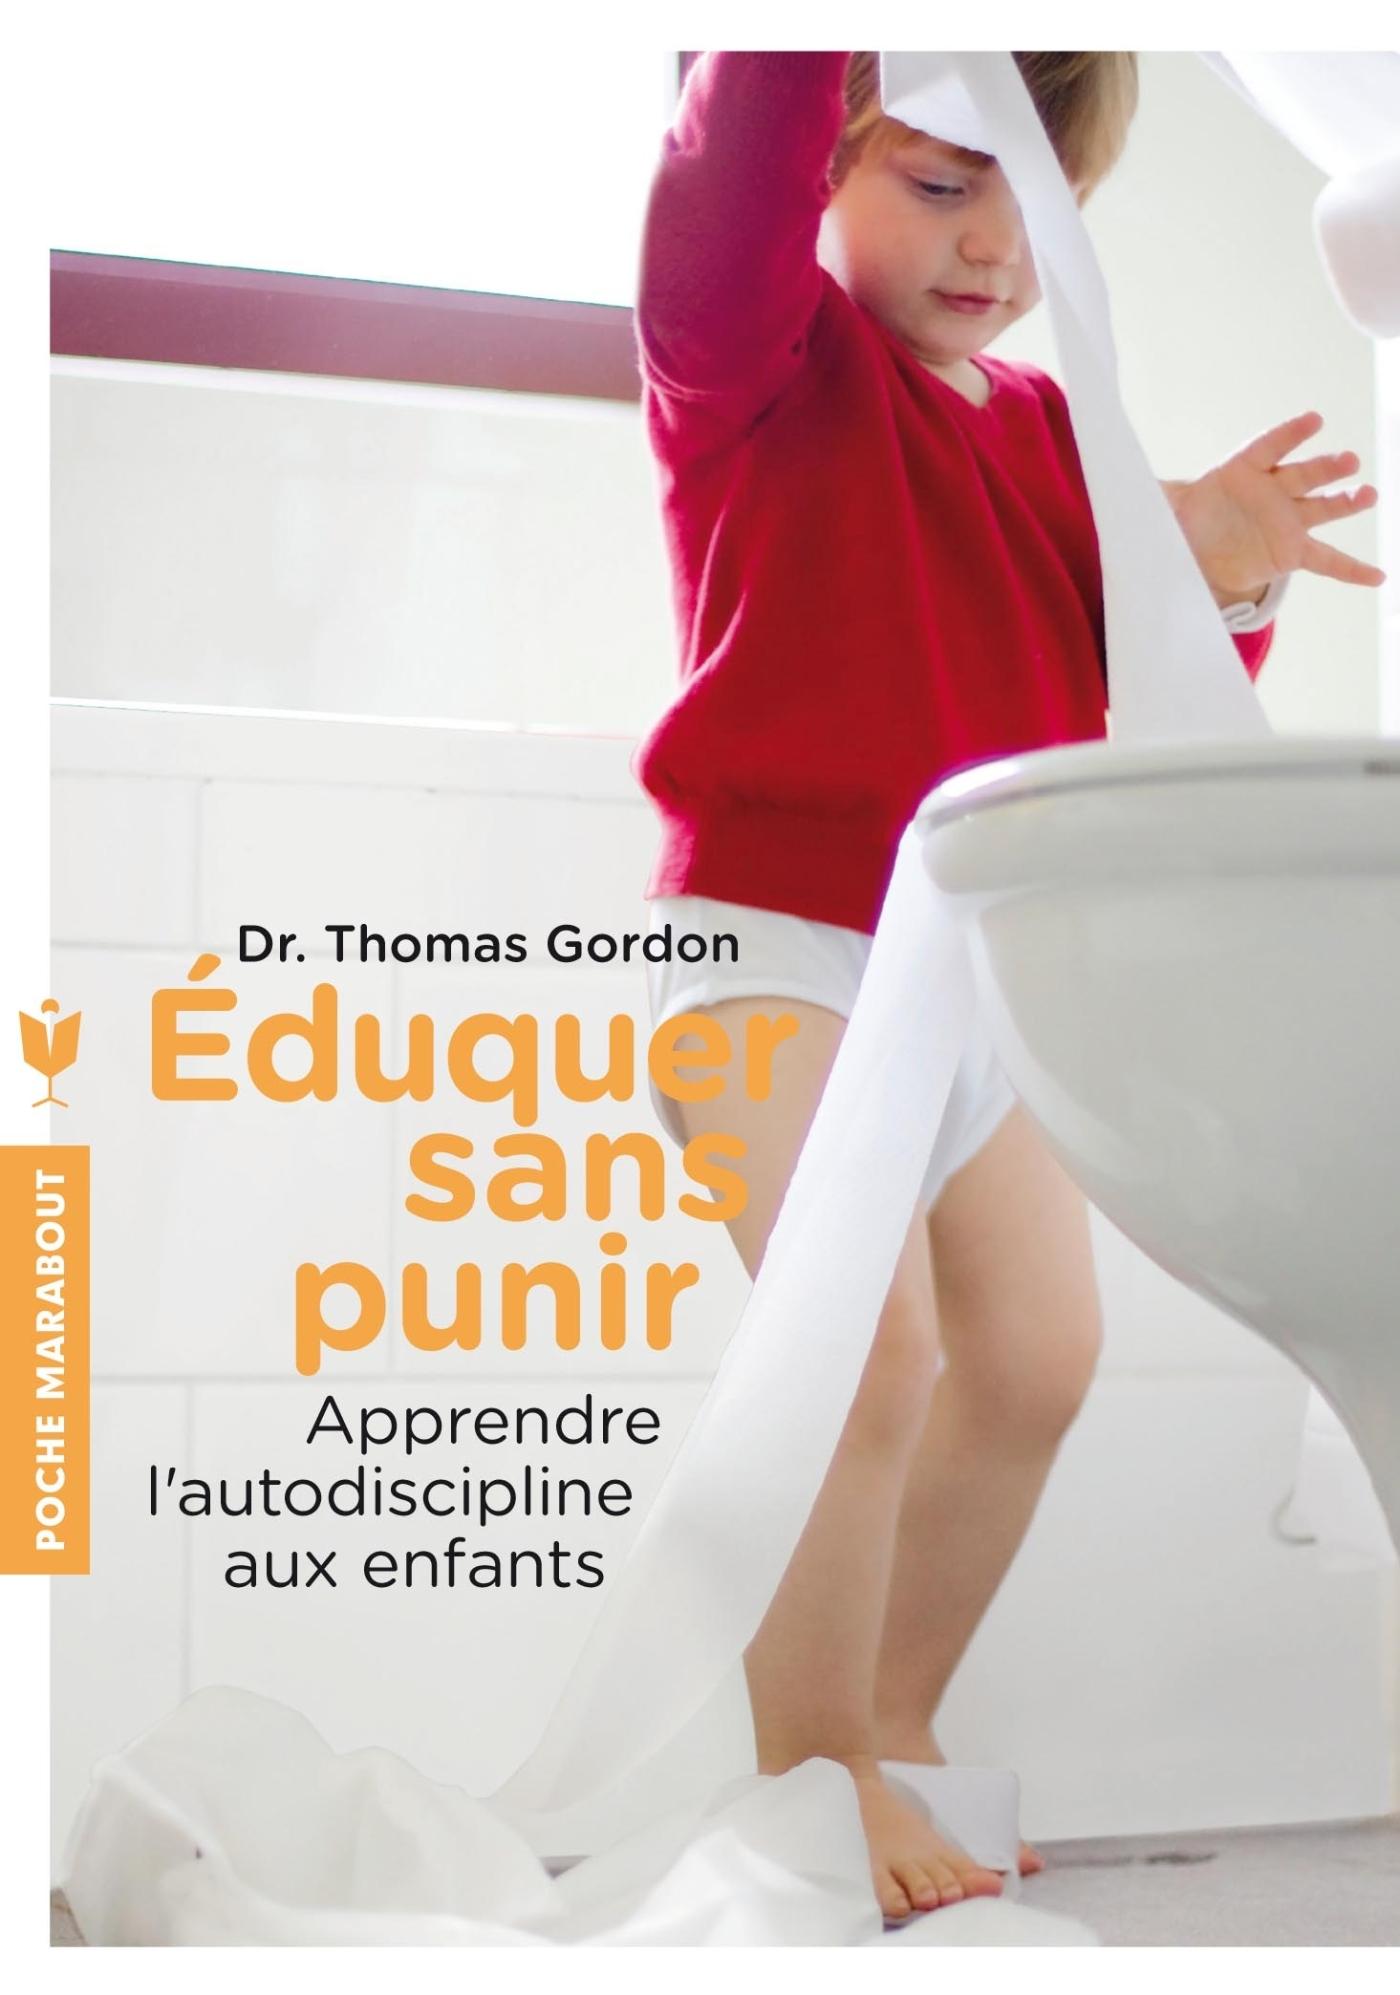 EDUQUER SANS PUNIR - APPRENDRE L'AUTODISCIPLINE AUX ENFANTS